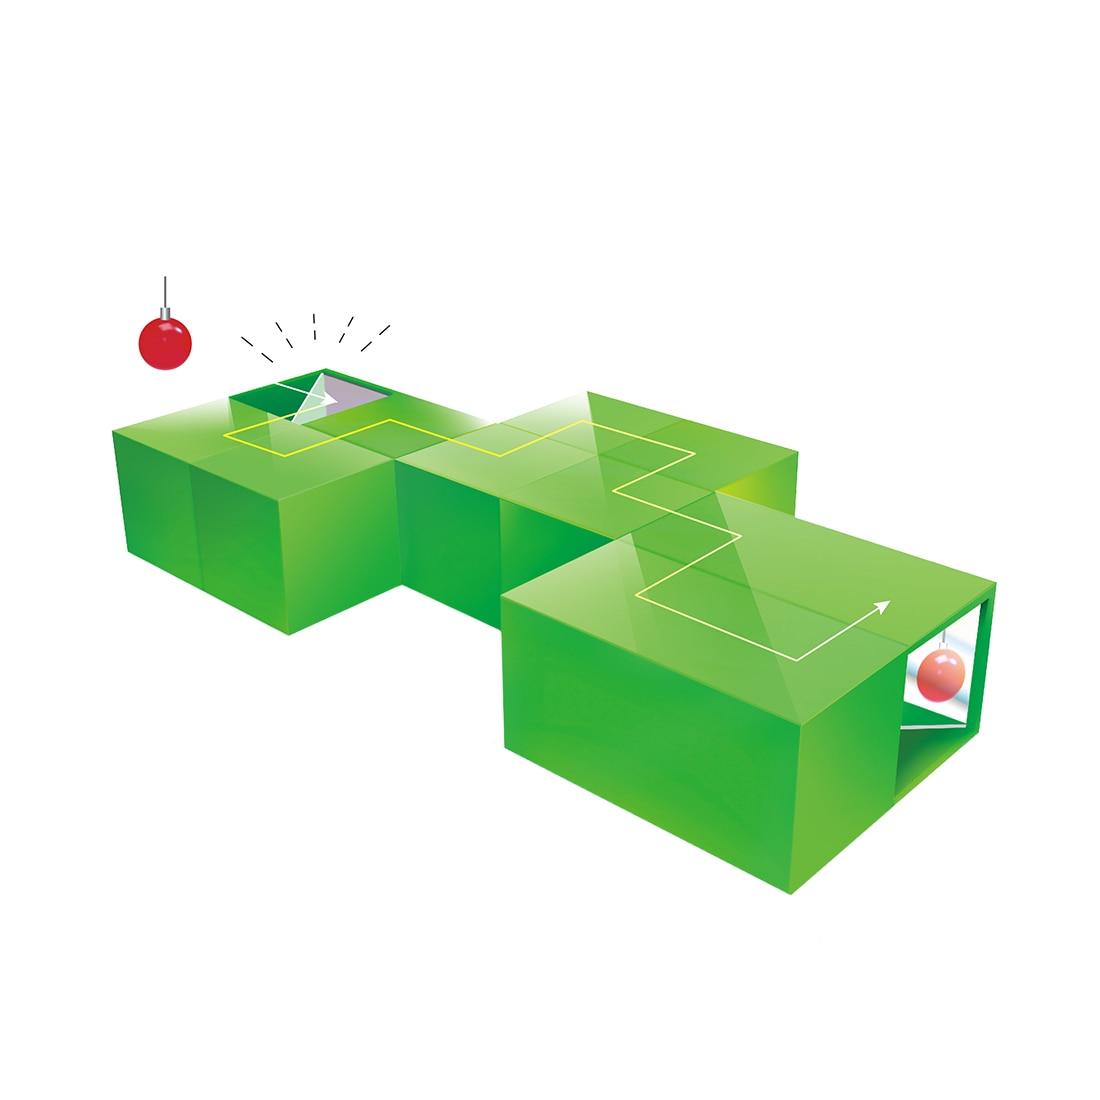 Surwish niños 12 piezas Óptica Física Ciencia módulo Educatioal vástago juguetes apoyo niños las manos-en la capacidad Kits de desarrollo